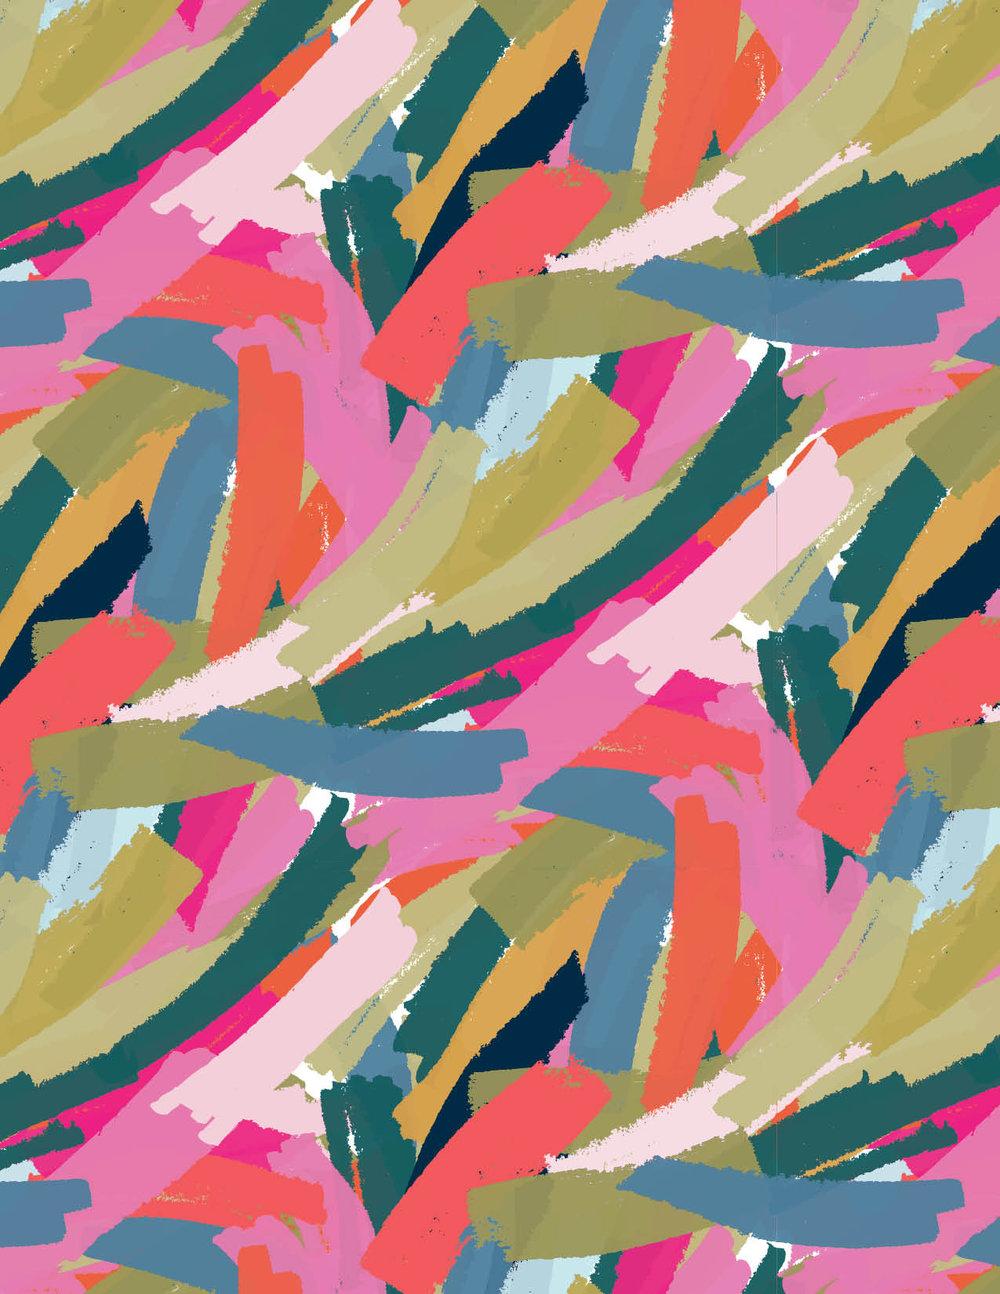 jessbruggink_pattern18.jpg